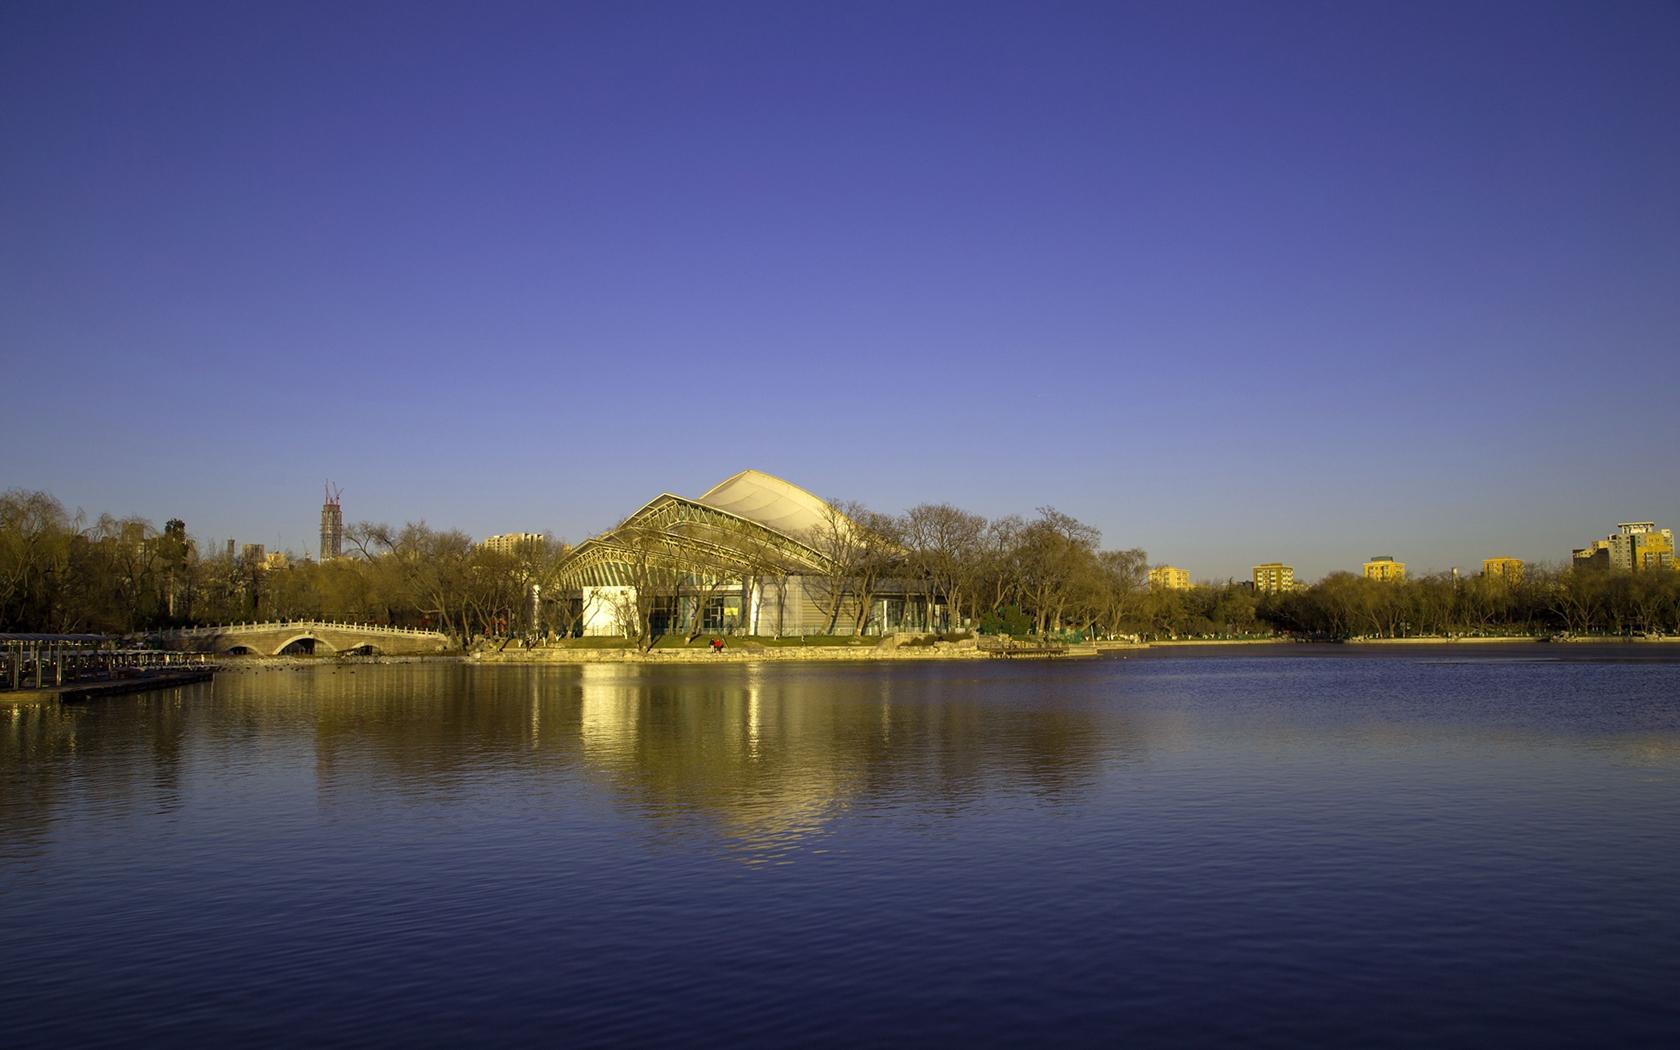 北京龙潭湖公园风景摄影高清壁纸